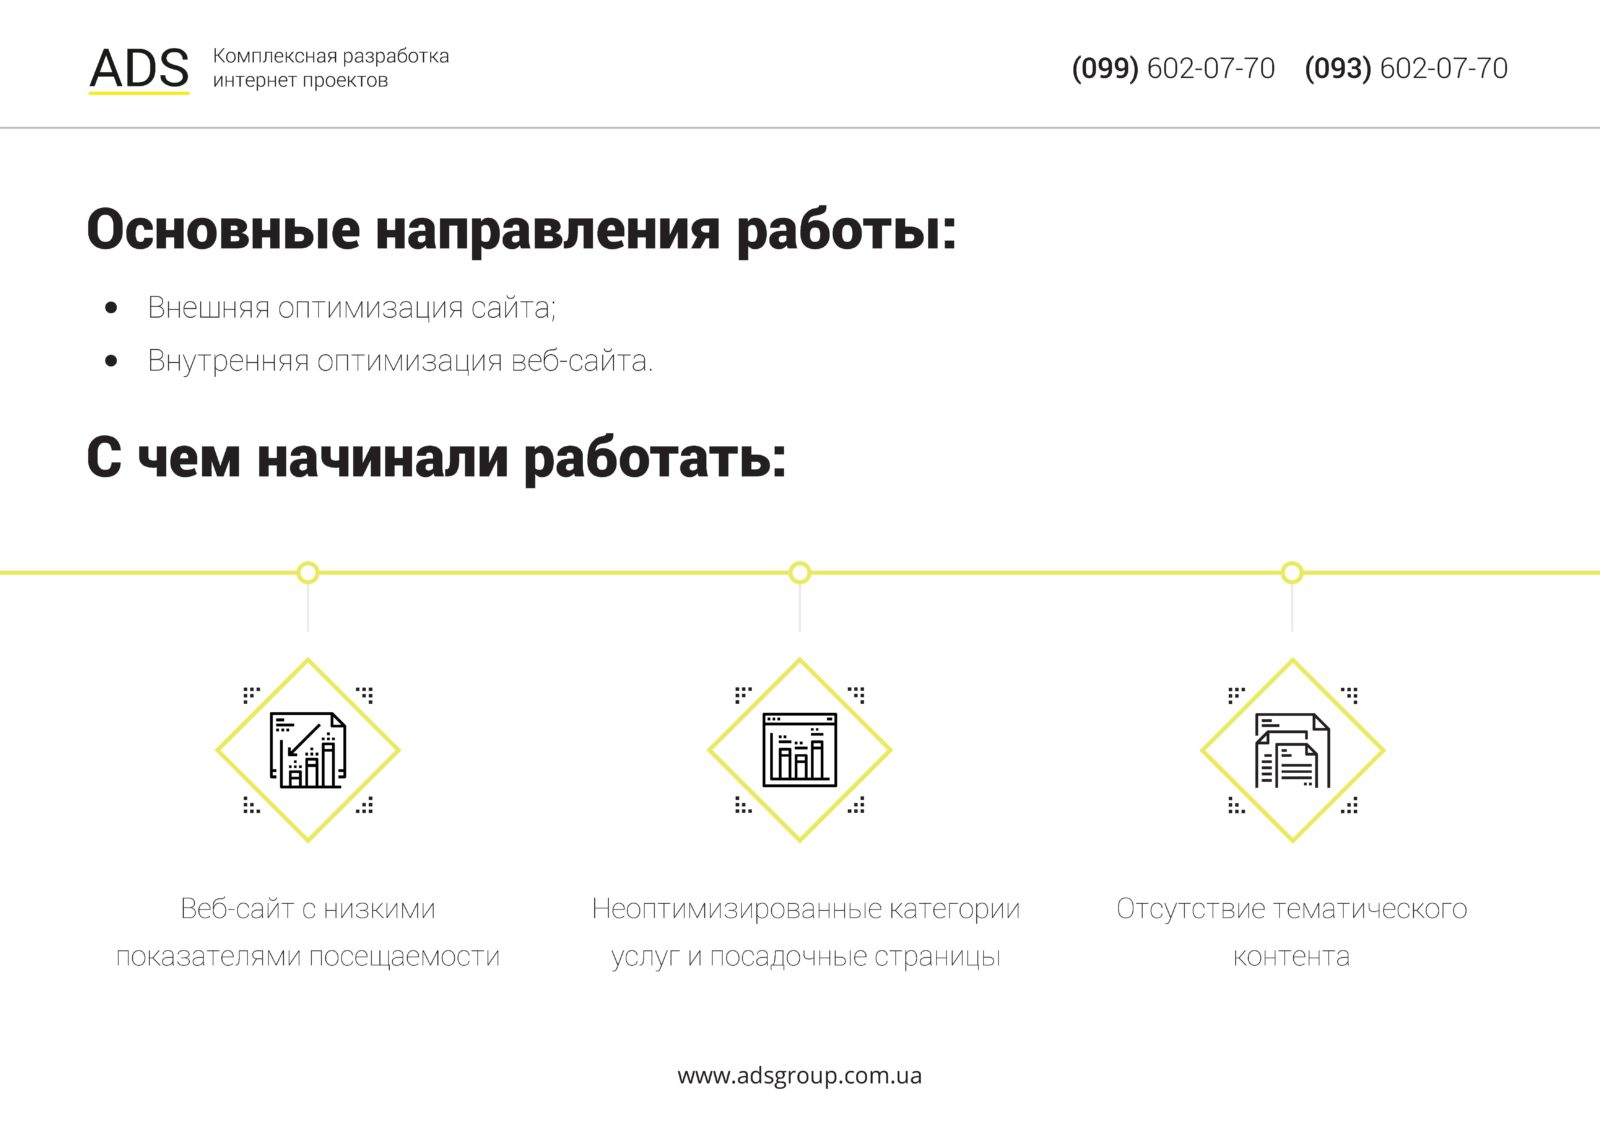 Кейс по SEO-продвижению интернет-магазина одежды Assorti